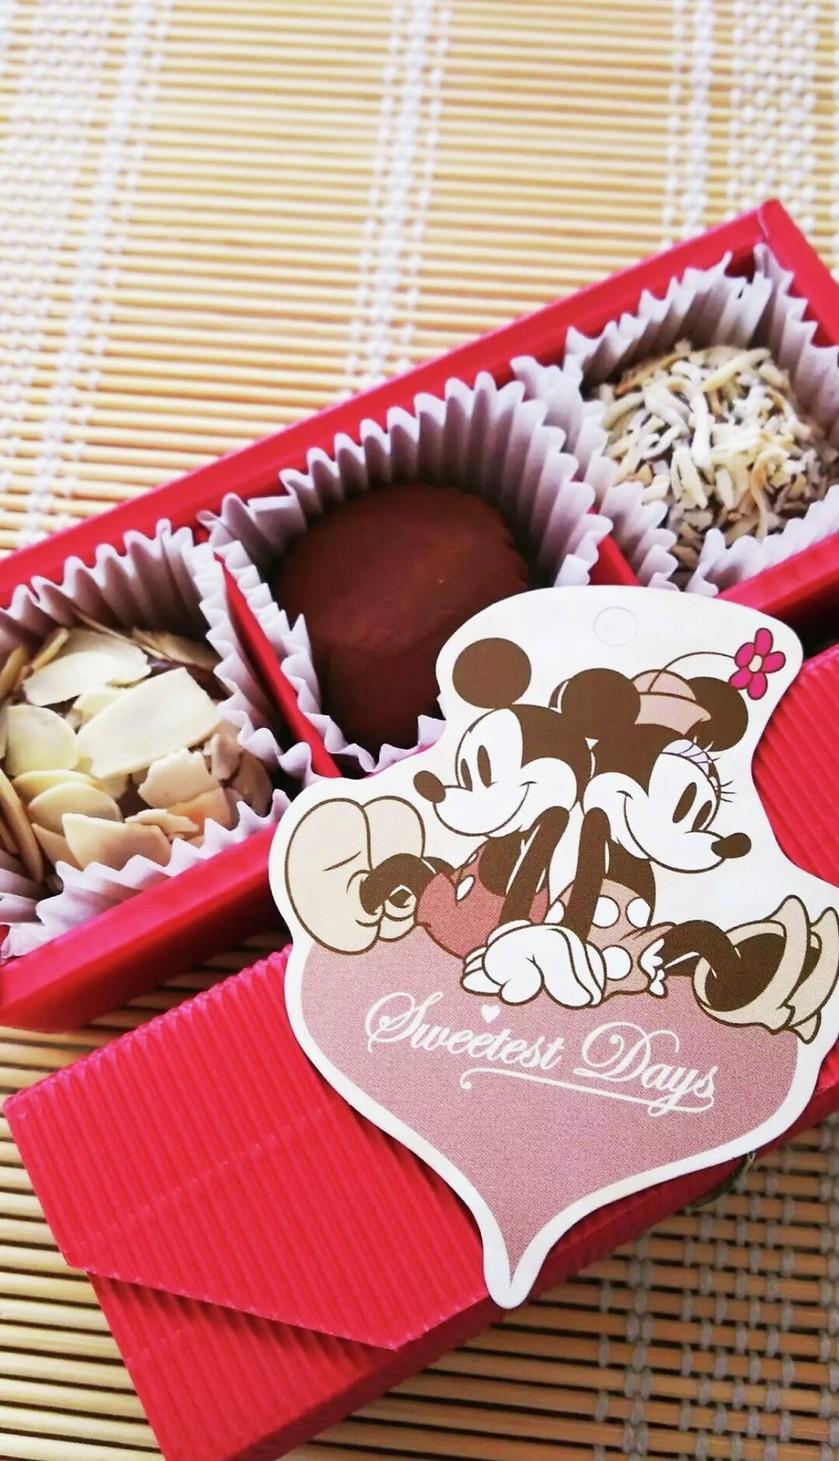 とろける生チョコ石畳*ノンアルコール